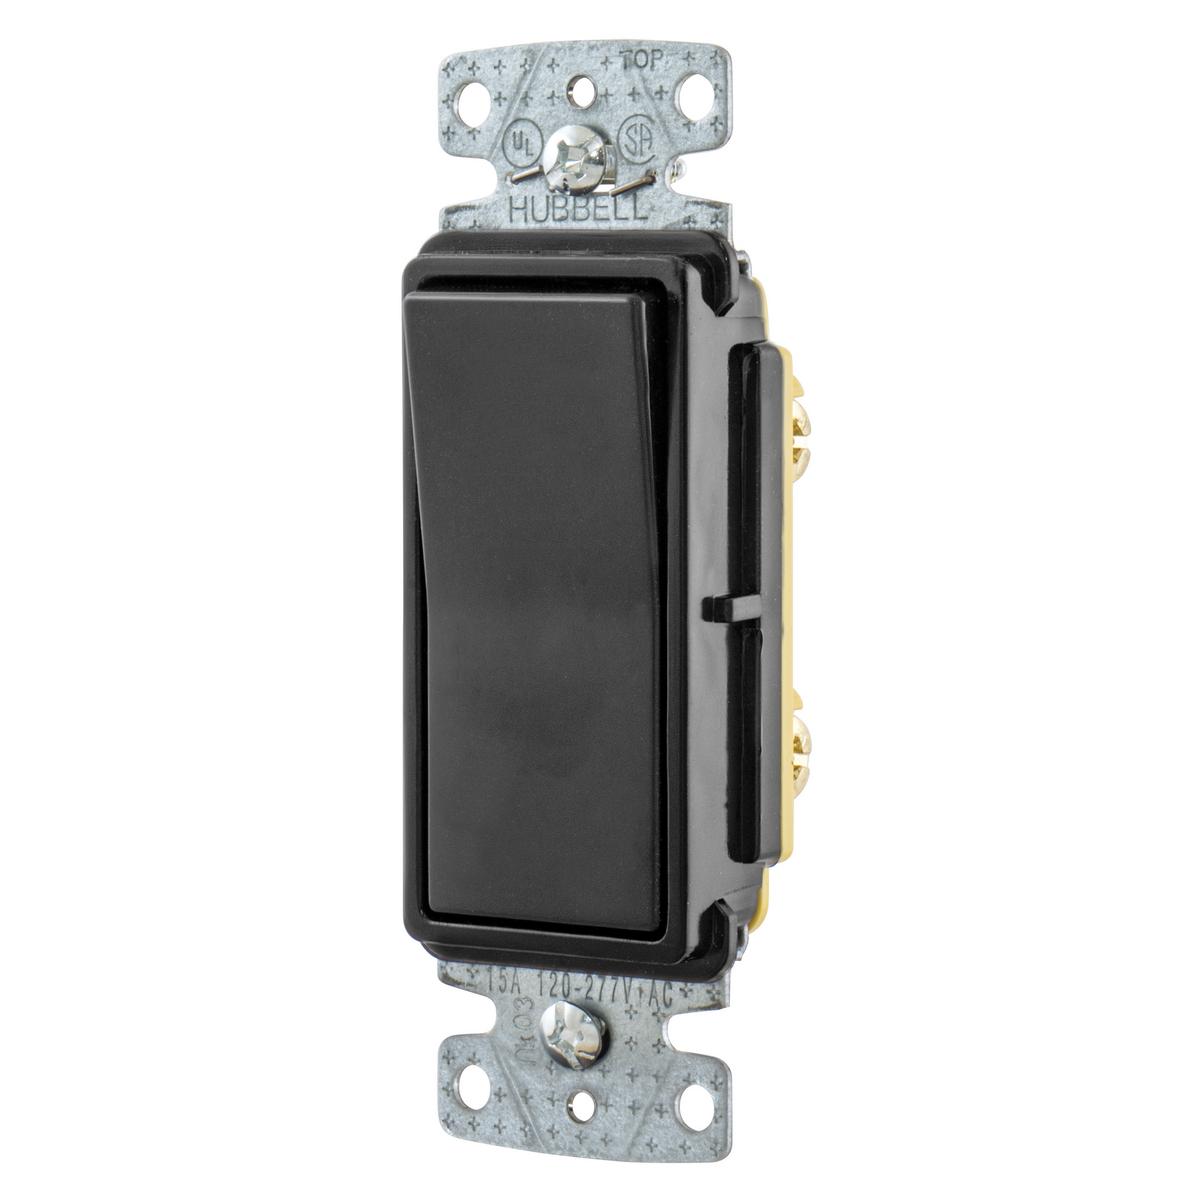 Hubbell RSD115BK 15A Single Pole Decorator Rocker Switch, 120-277V - Black